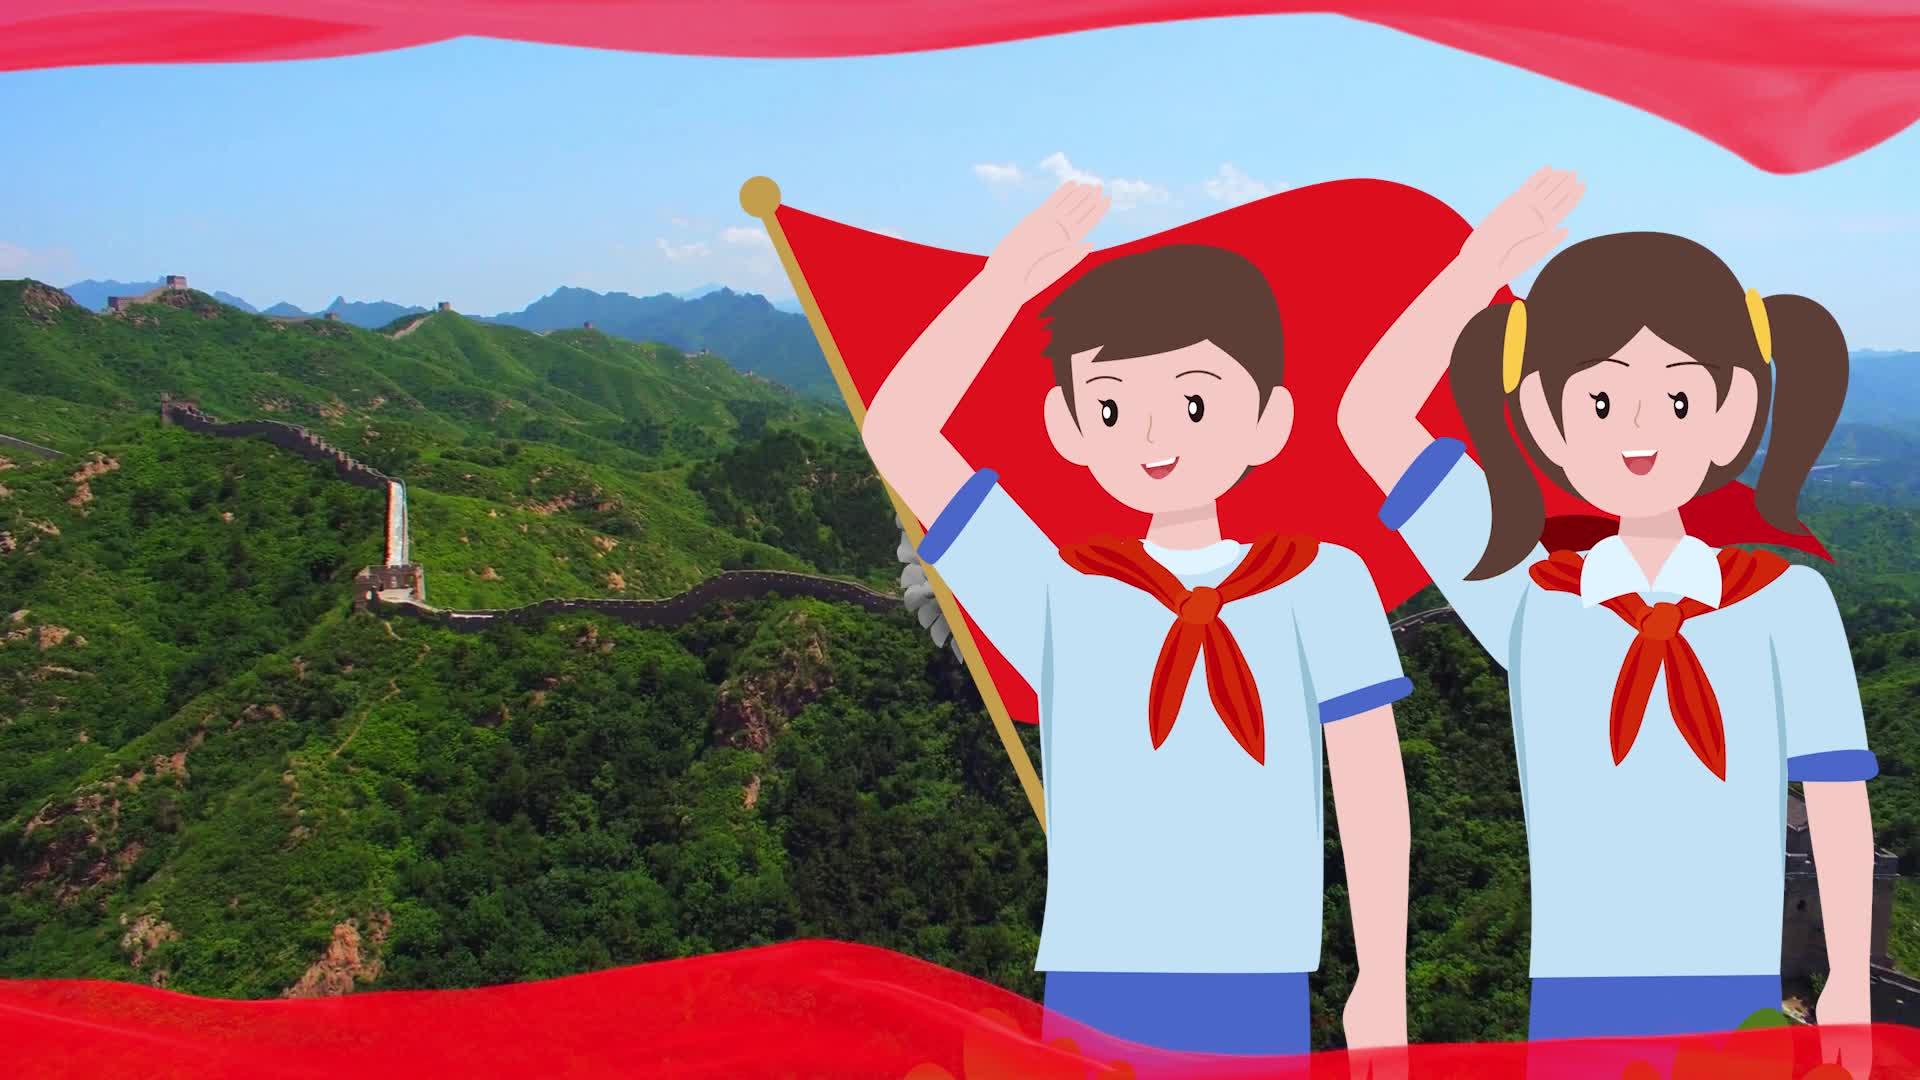 共产儿童团歌歌曲视频背景